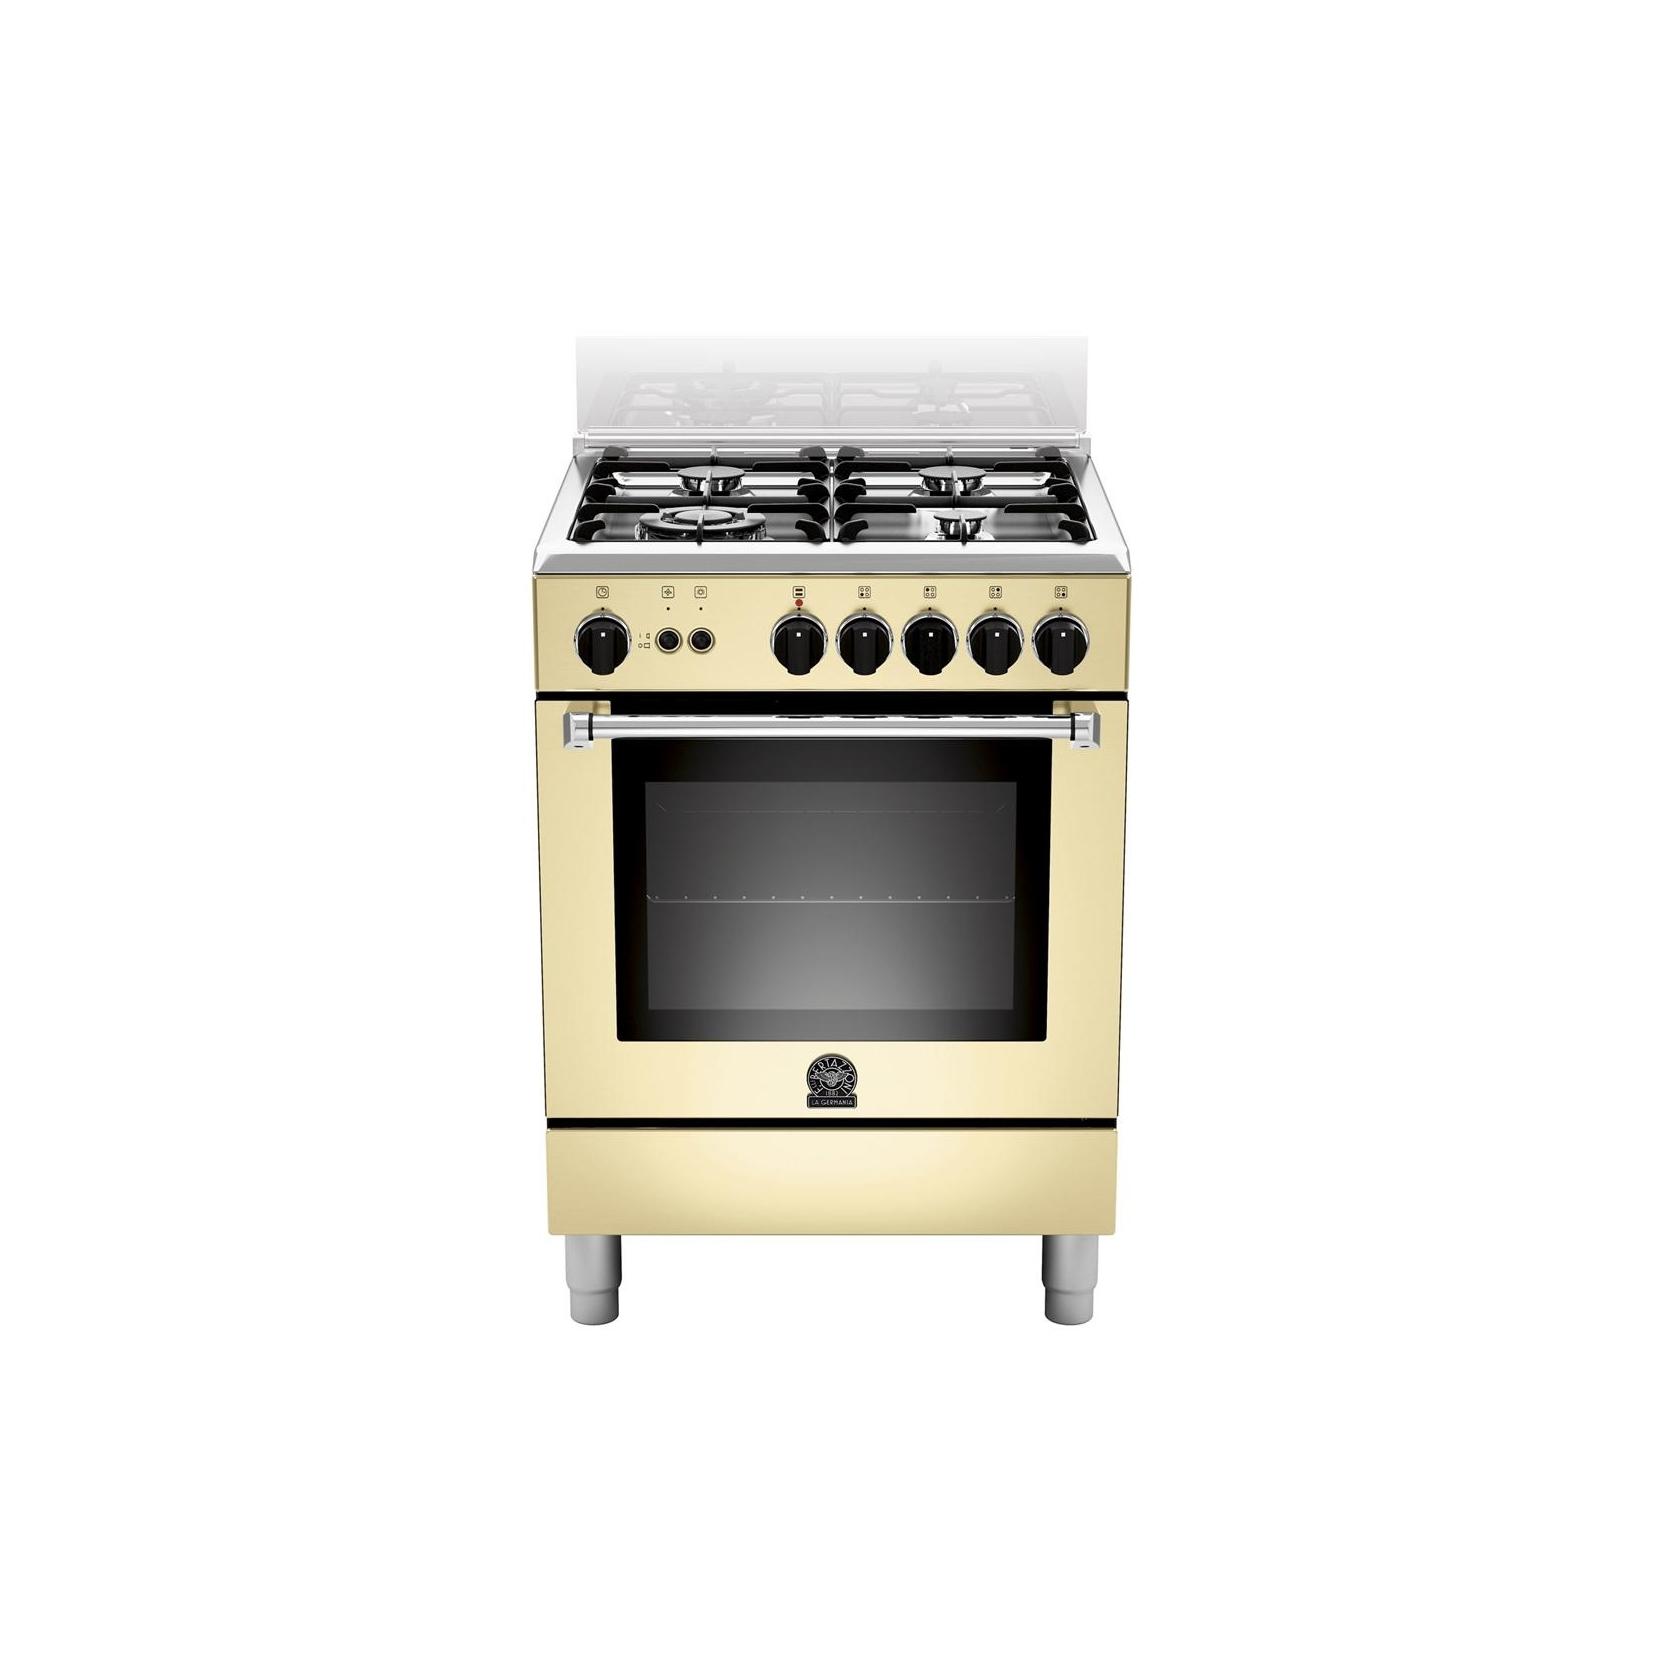 Cucina la germania am64c71ccr 60x60 colore crema 4 fuochi - Forno incasso a gas ventilato ...